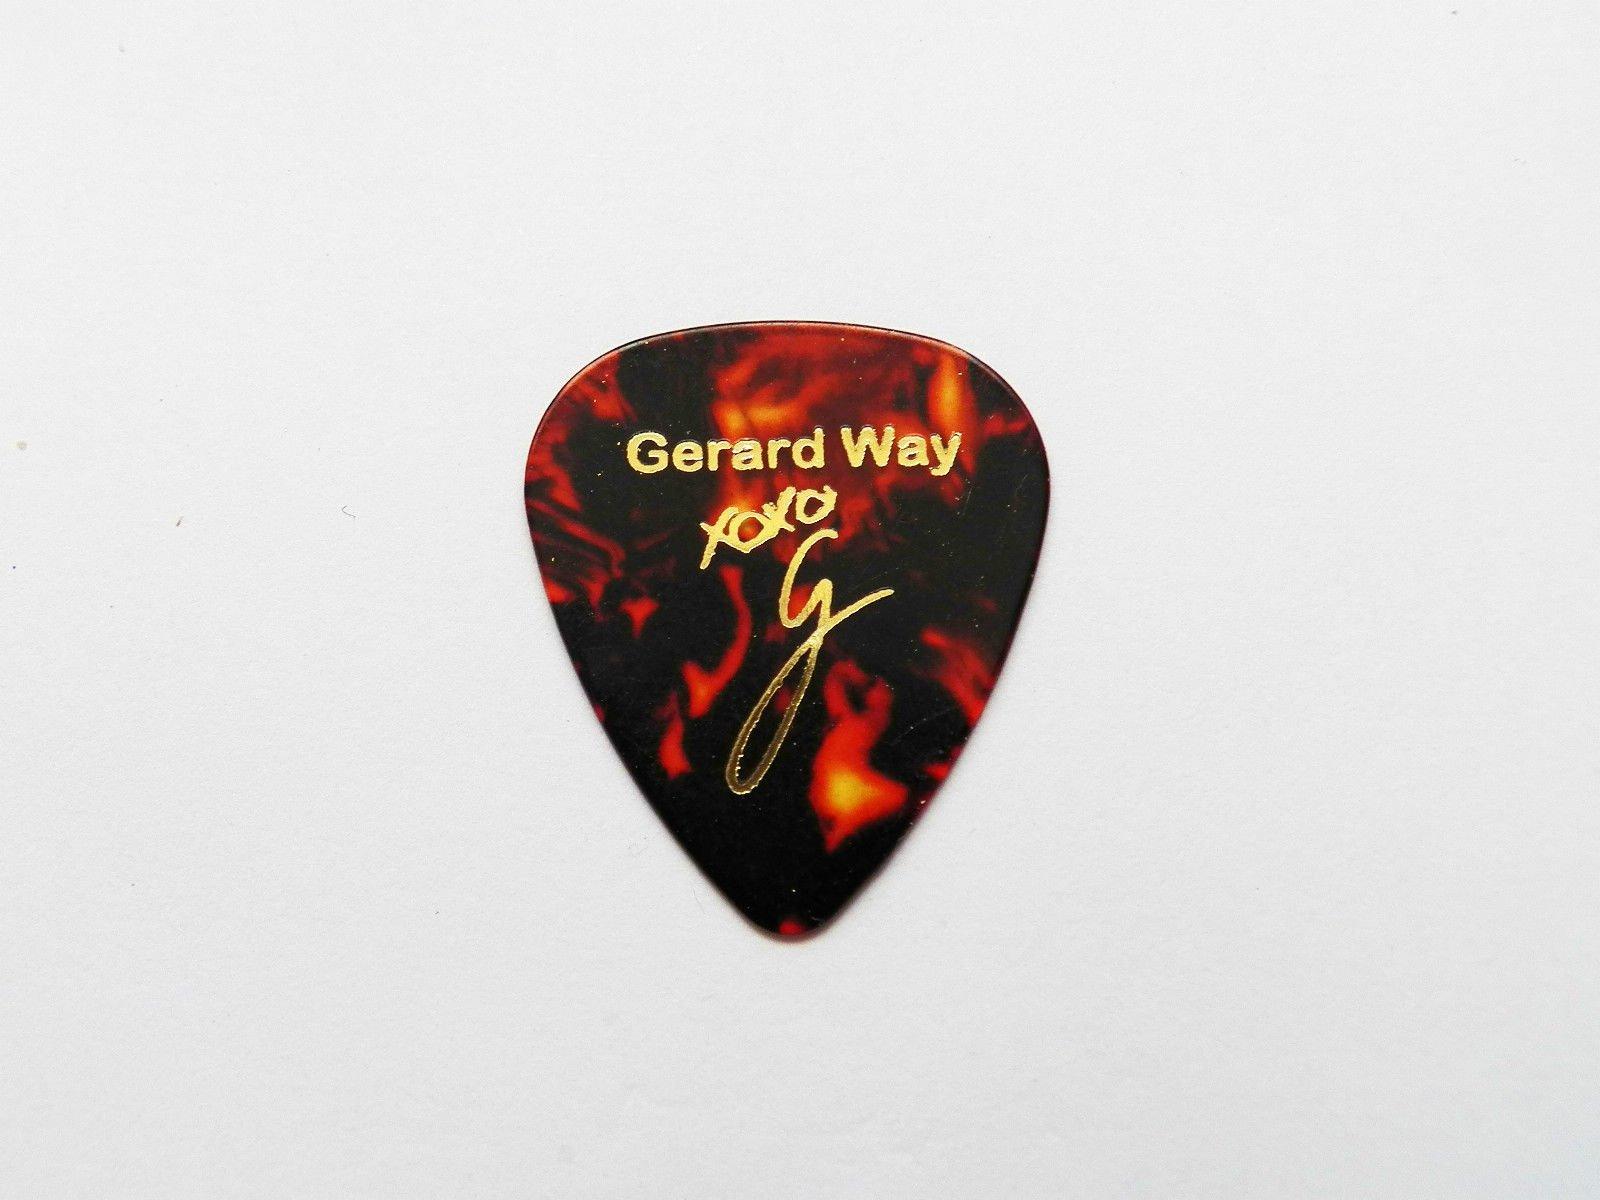 Gerard Way My Chemical Romance MCR Firma estampada púa Guitarra Pick mediano (caparazón de tortuga): Amazon.es: Instrumentos musicales